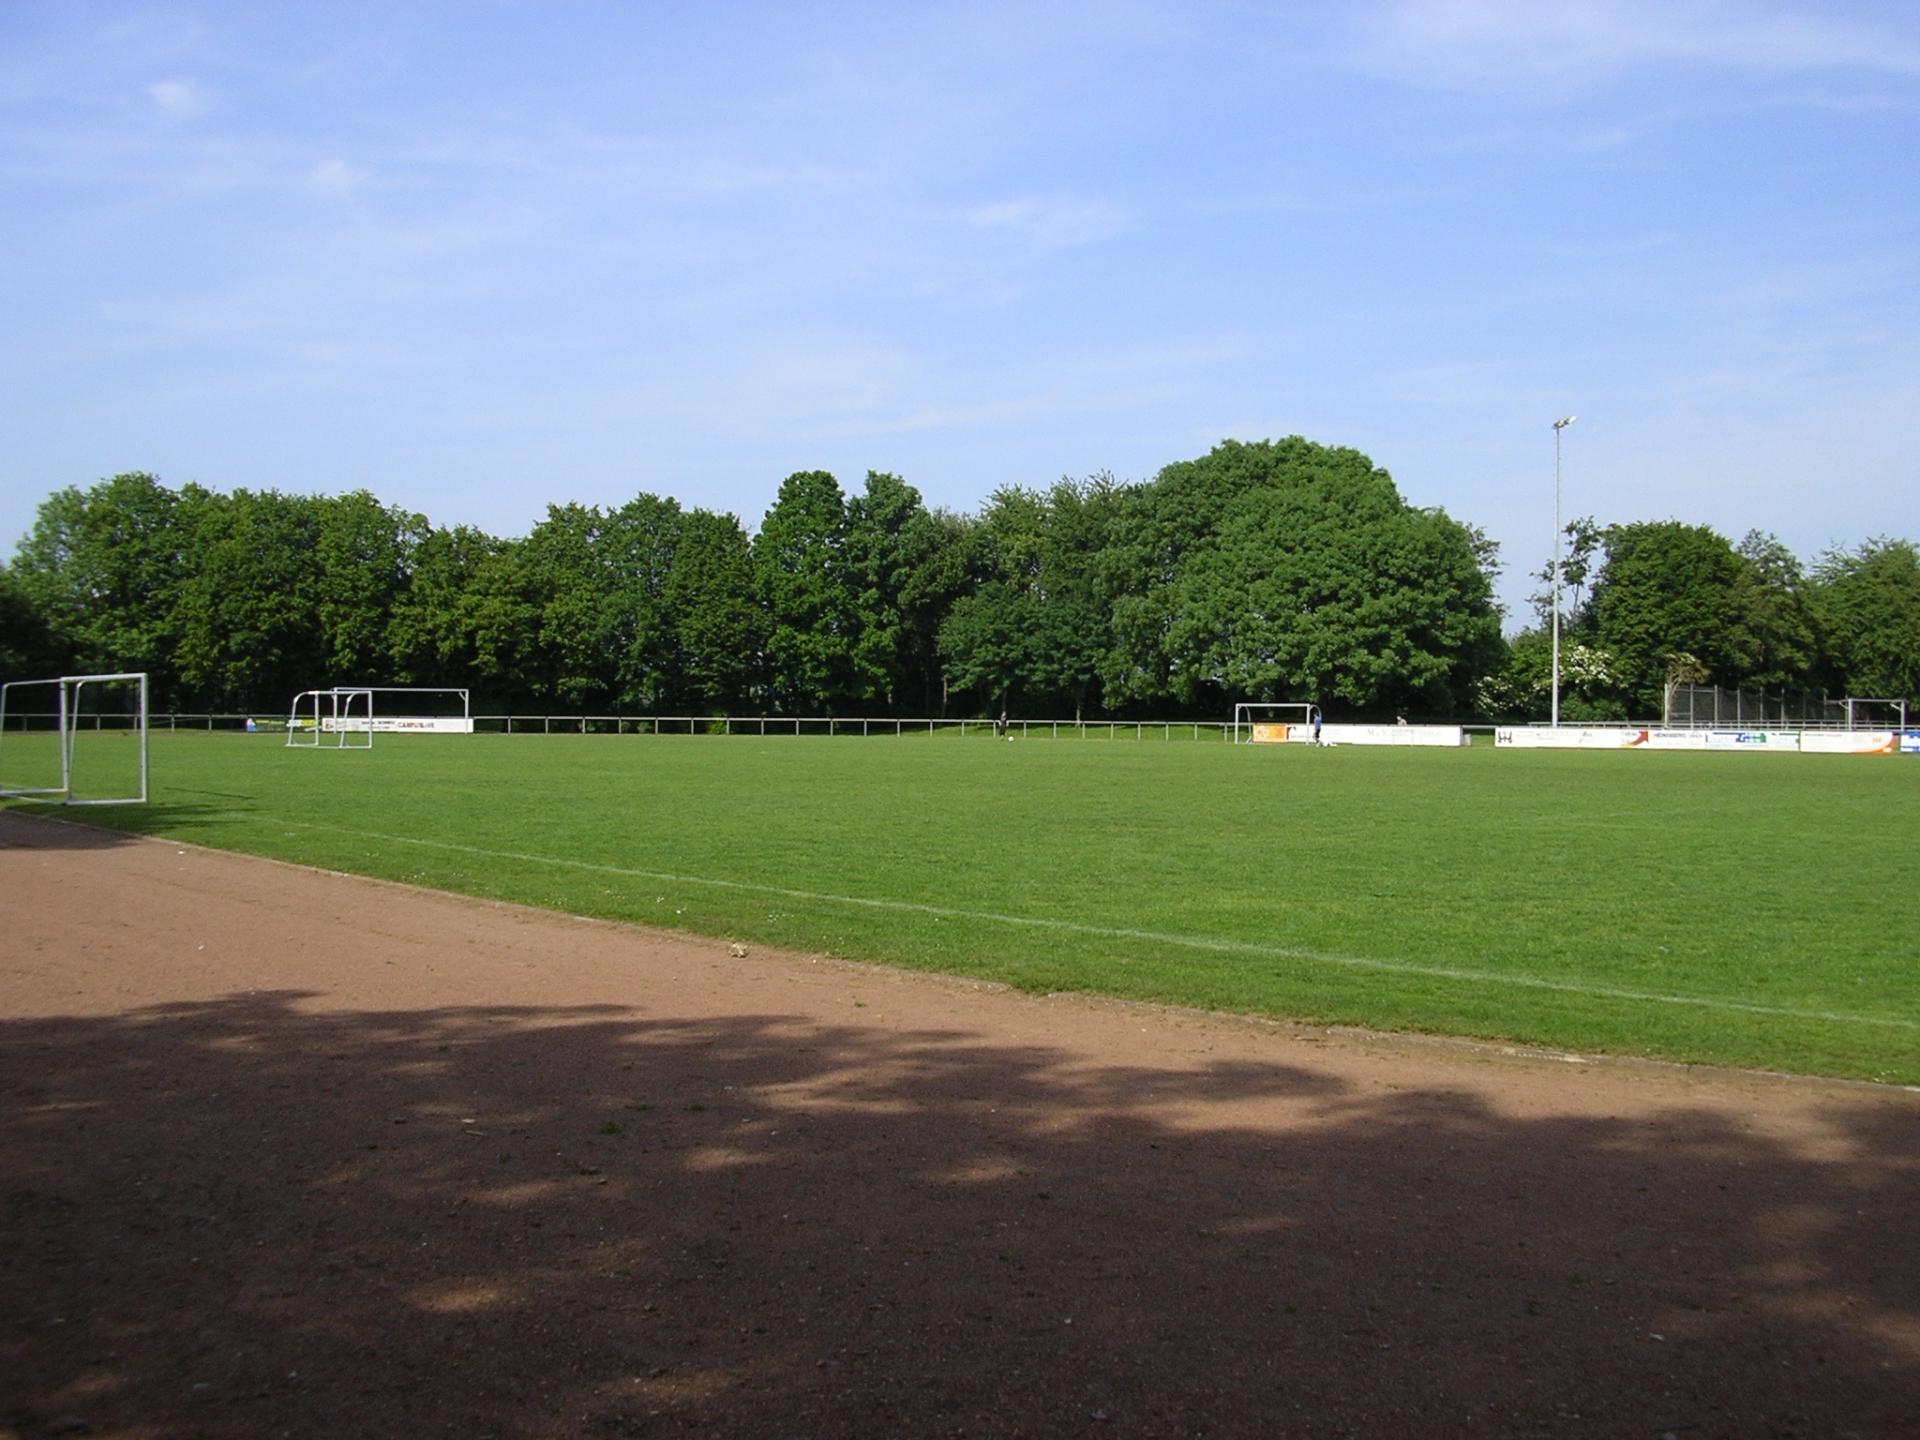 Stadion im Jahre 2010